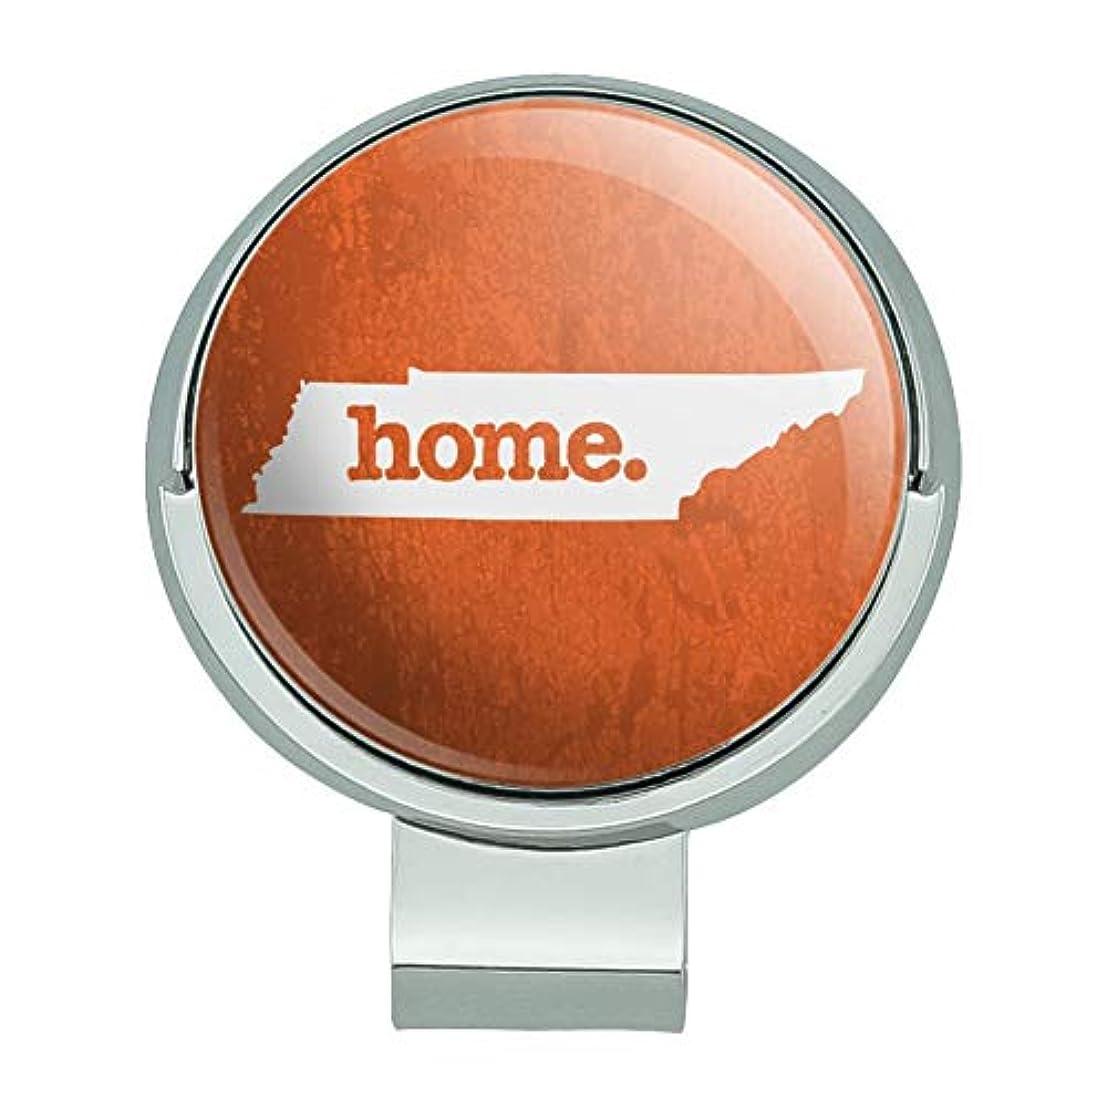 ジャンピングジャック雰囲気汚物テネシー州テネシー州ホーム州テクスチャードオレンジ磁気ボールマーカー付きゴルフハットクリップ